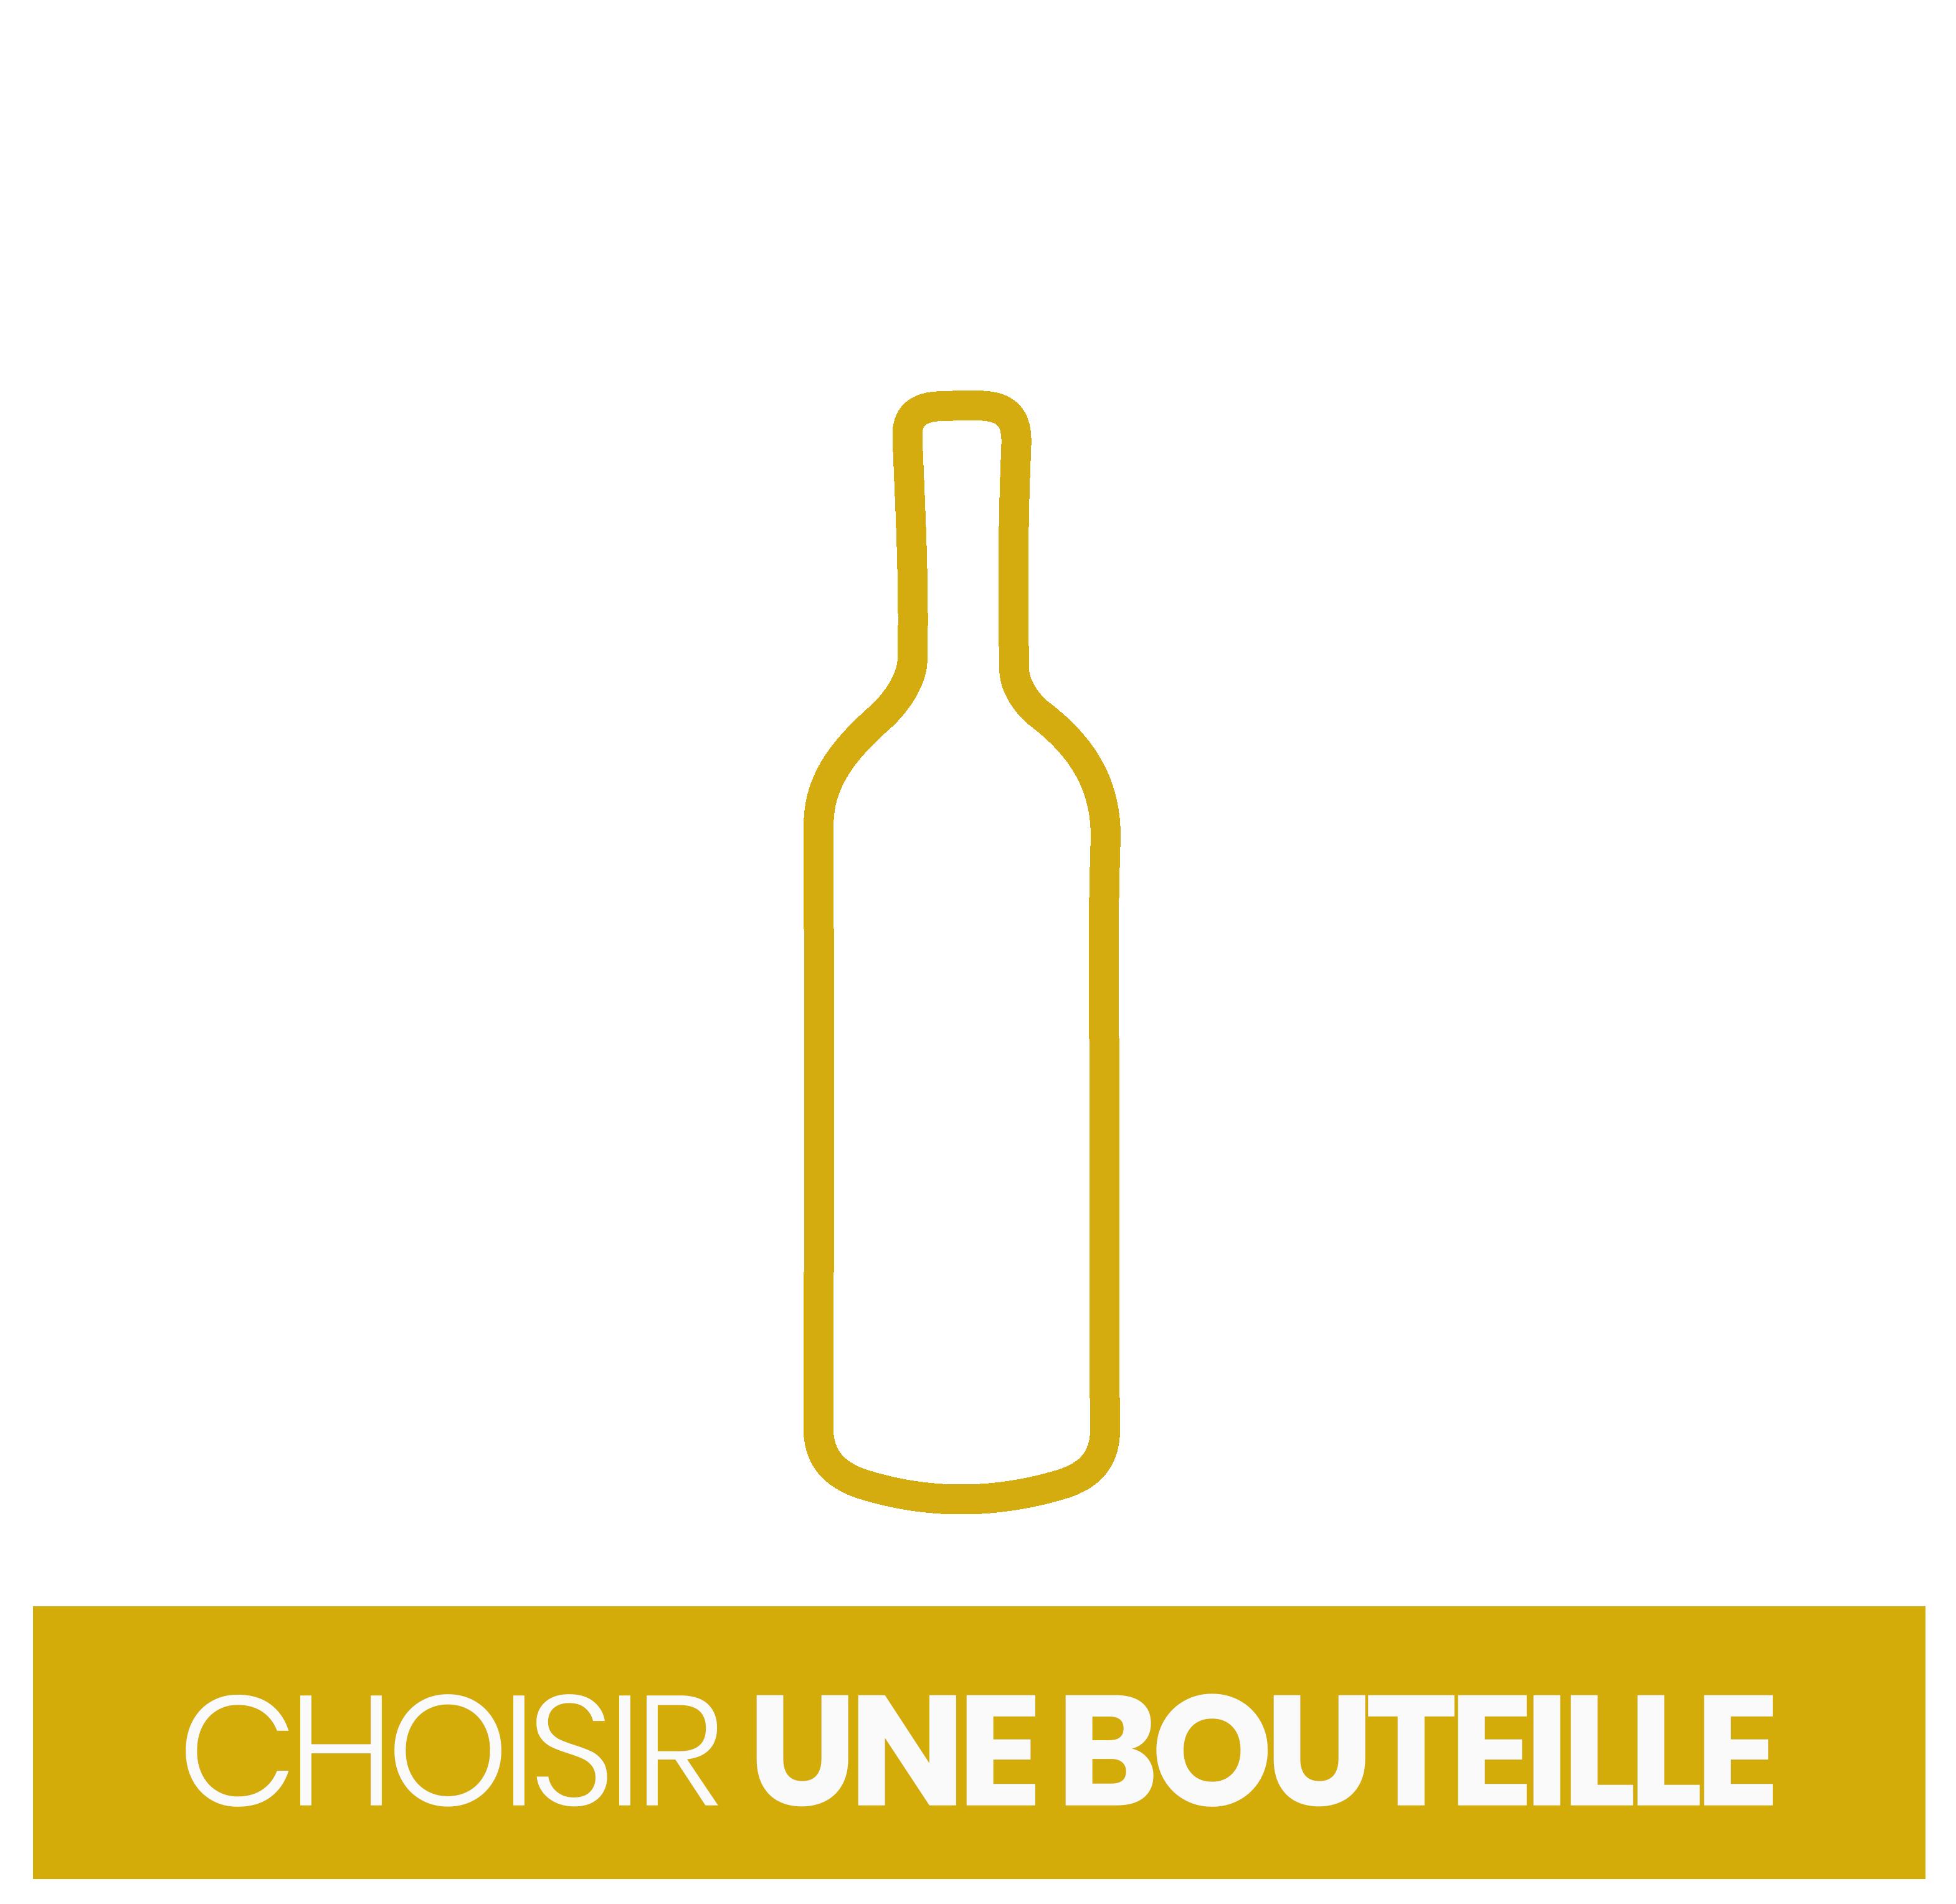 Choisir une bouteille